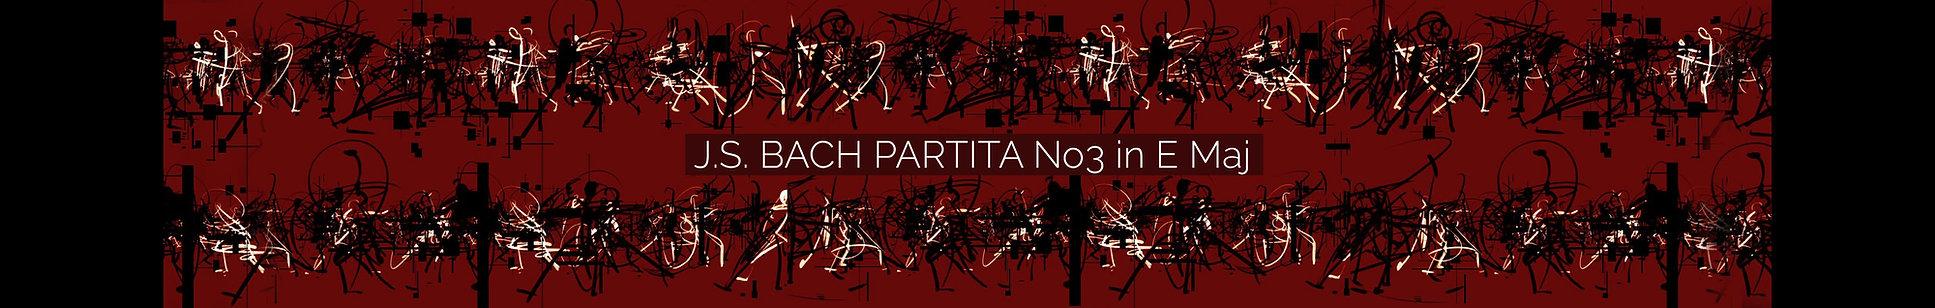 BANNERS_Bach_Partita.3.jpg